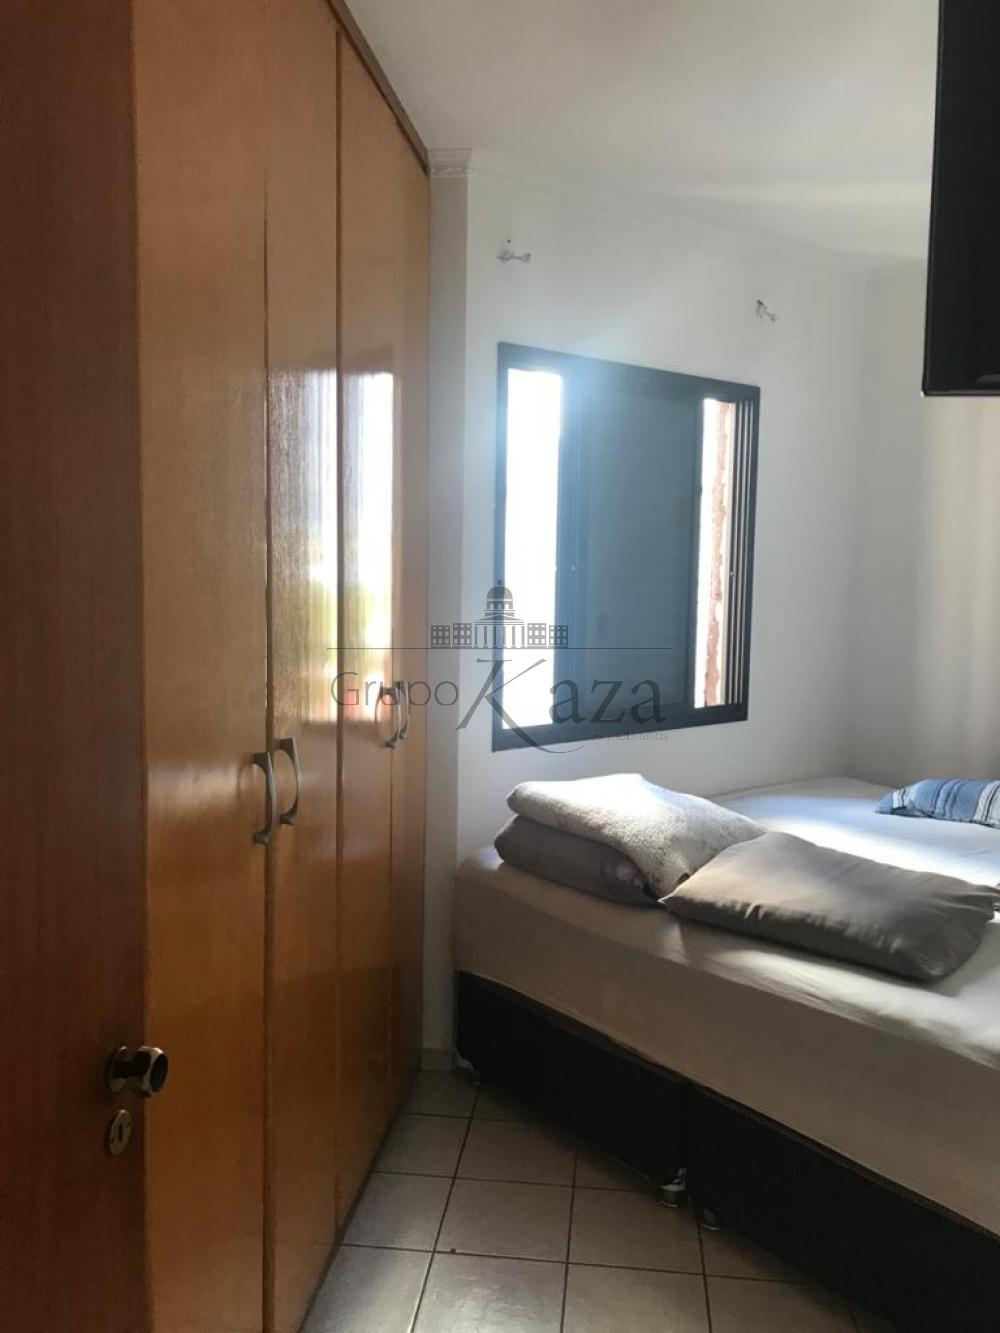 alt='Comprar Apartamento / Padrão em São José dos Campos R$ 595.000,00 - Foto 7' title='Comprar Apartamento / Padrão em São José dos Campos R$ 595.000,00 - Foto 7'